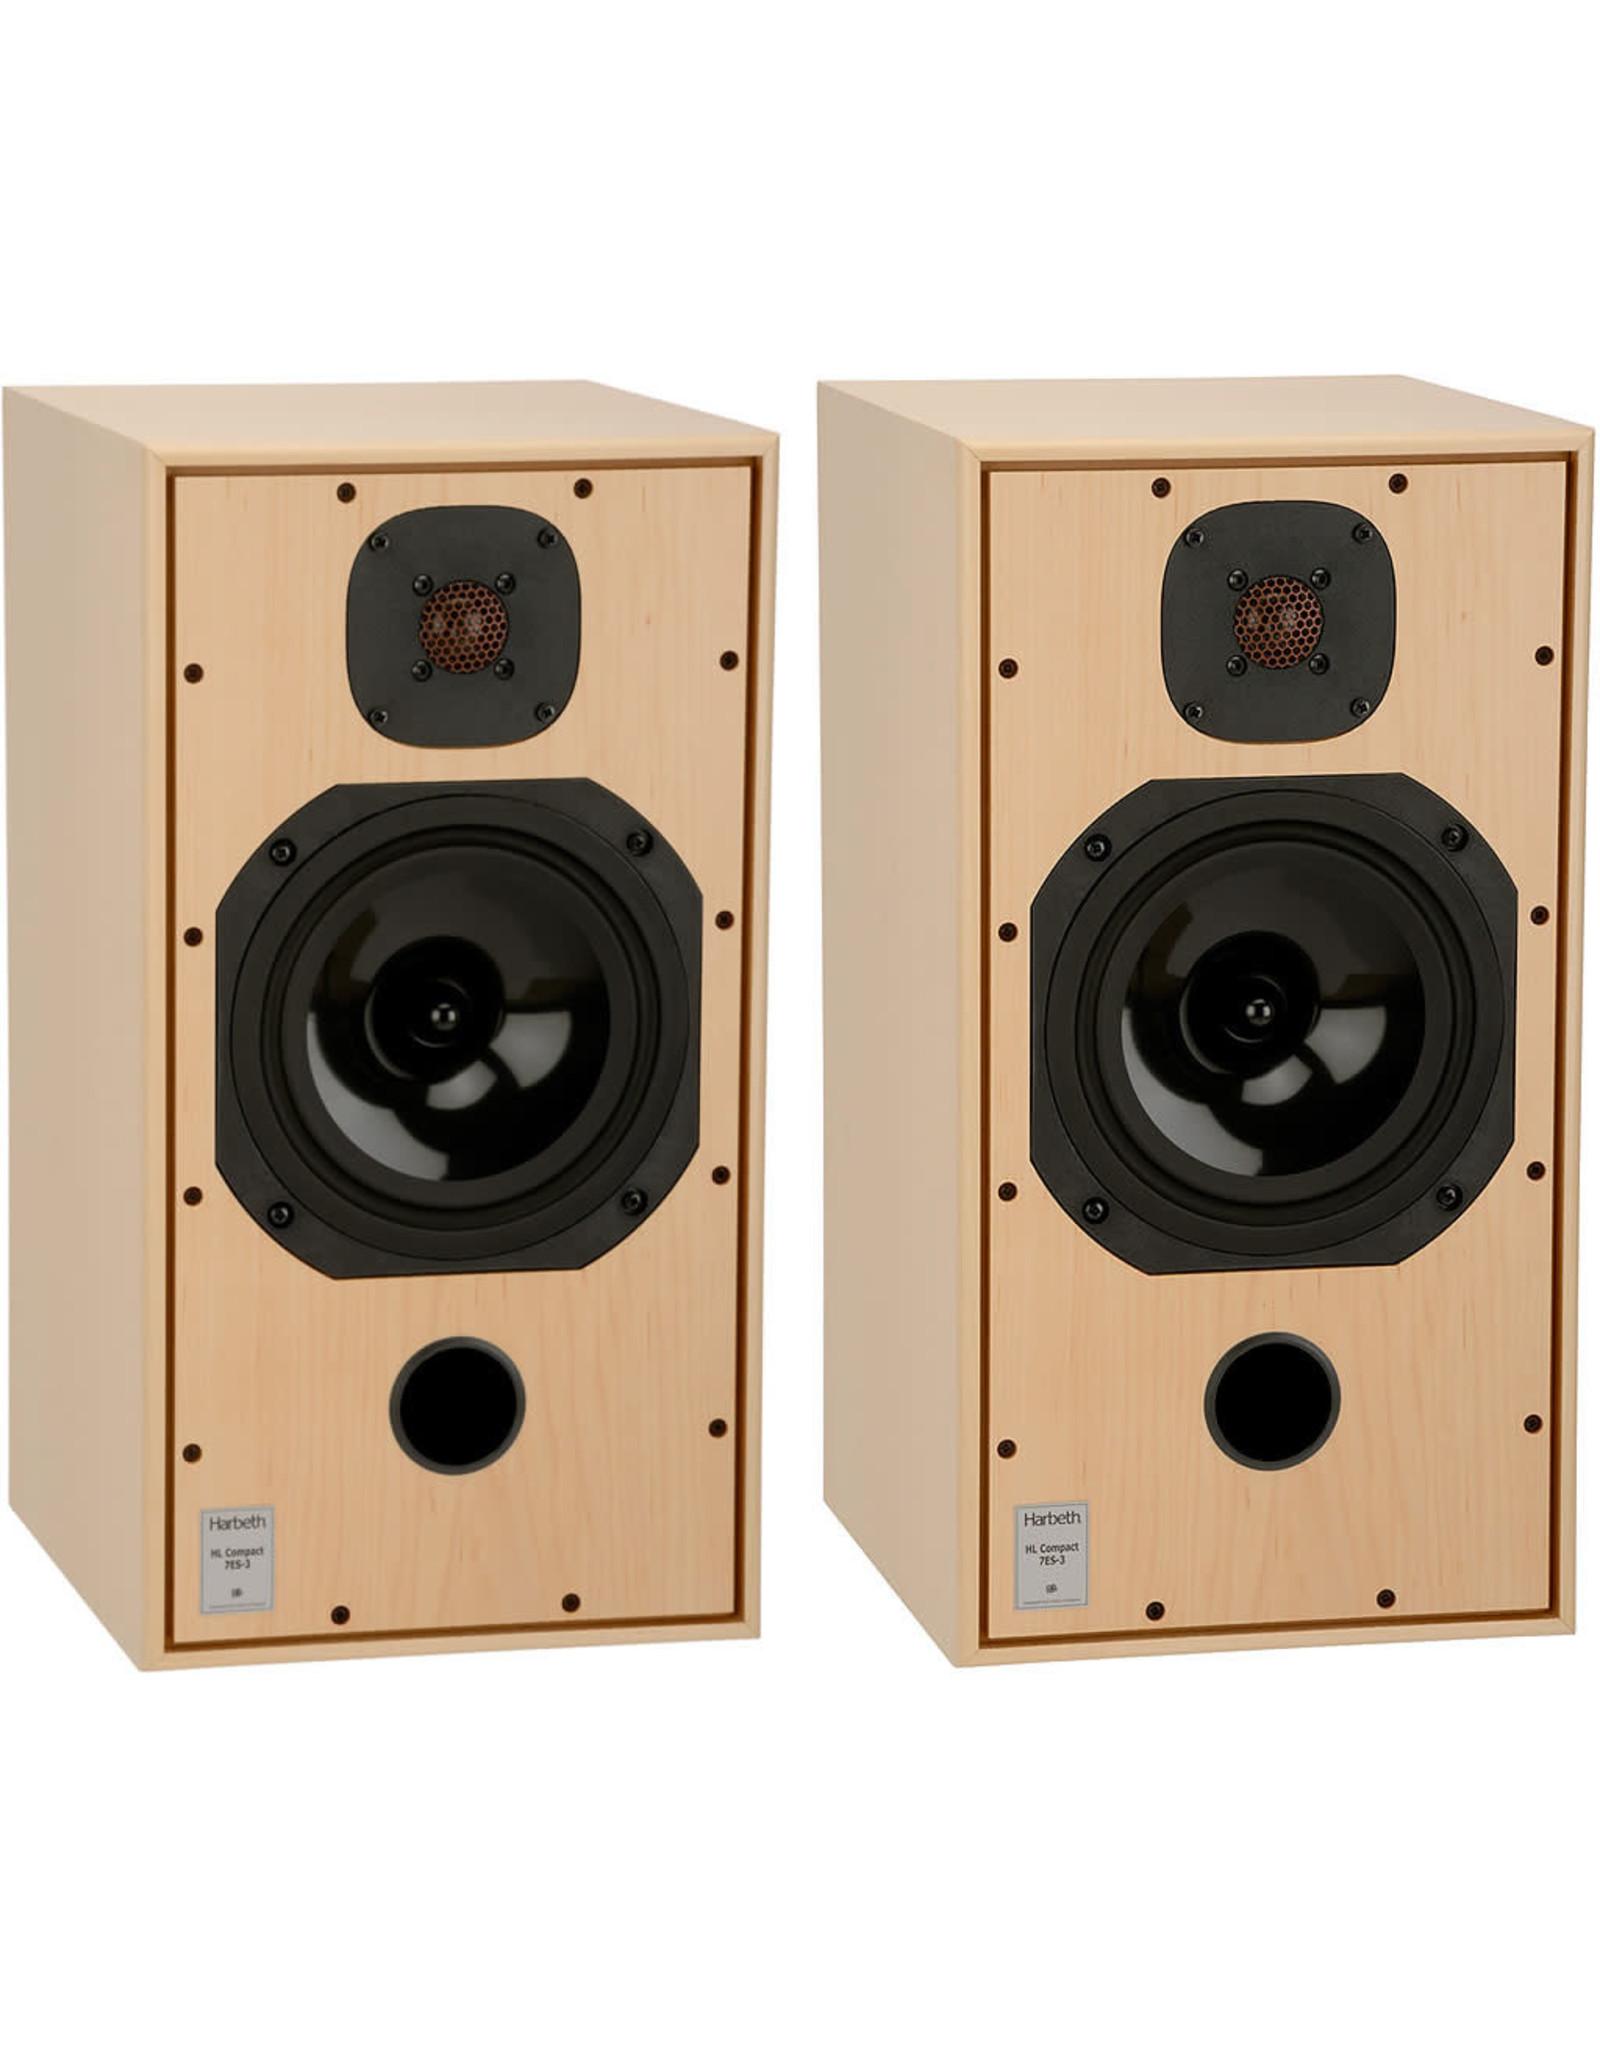 Harbeth Harbeth Compact 7ES-3 XD Standmount Speakers